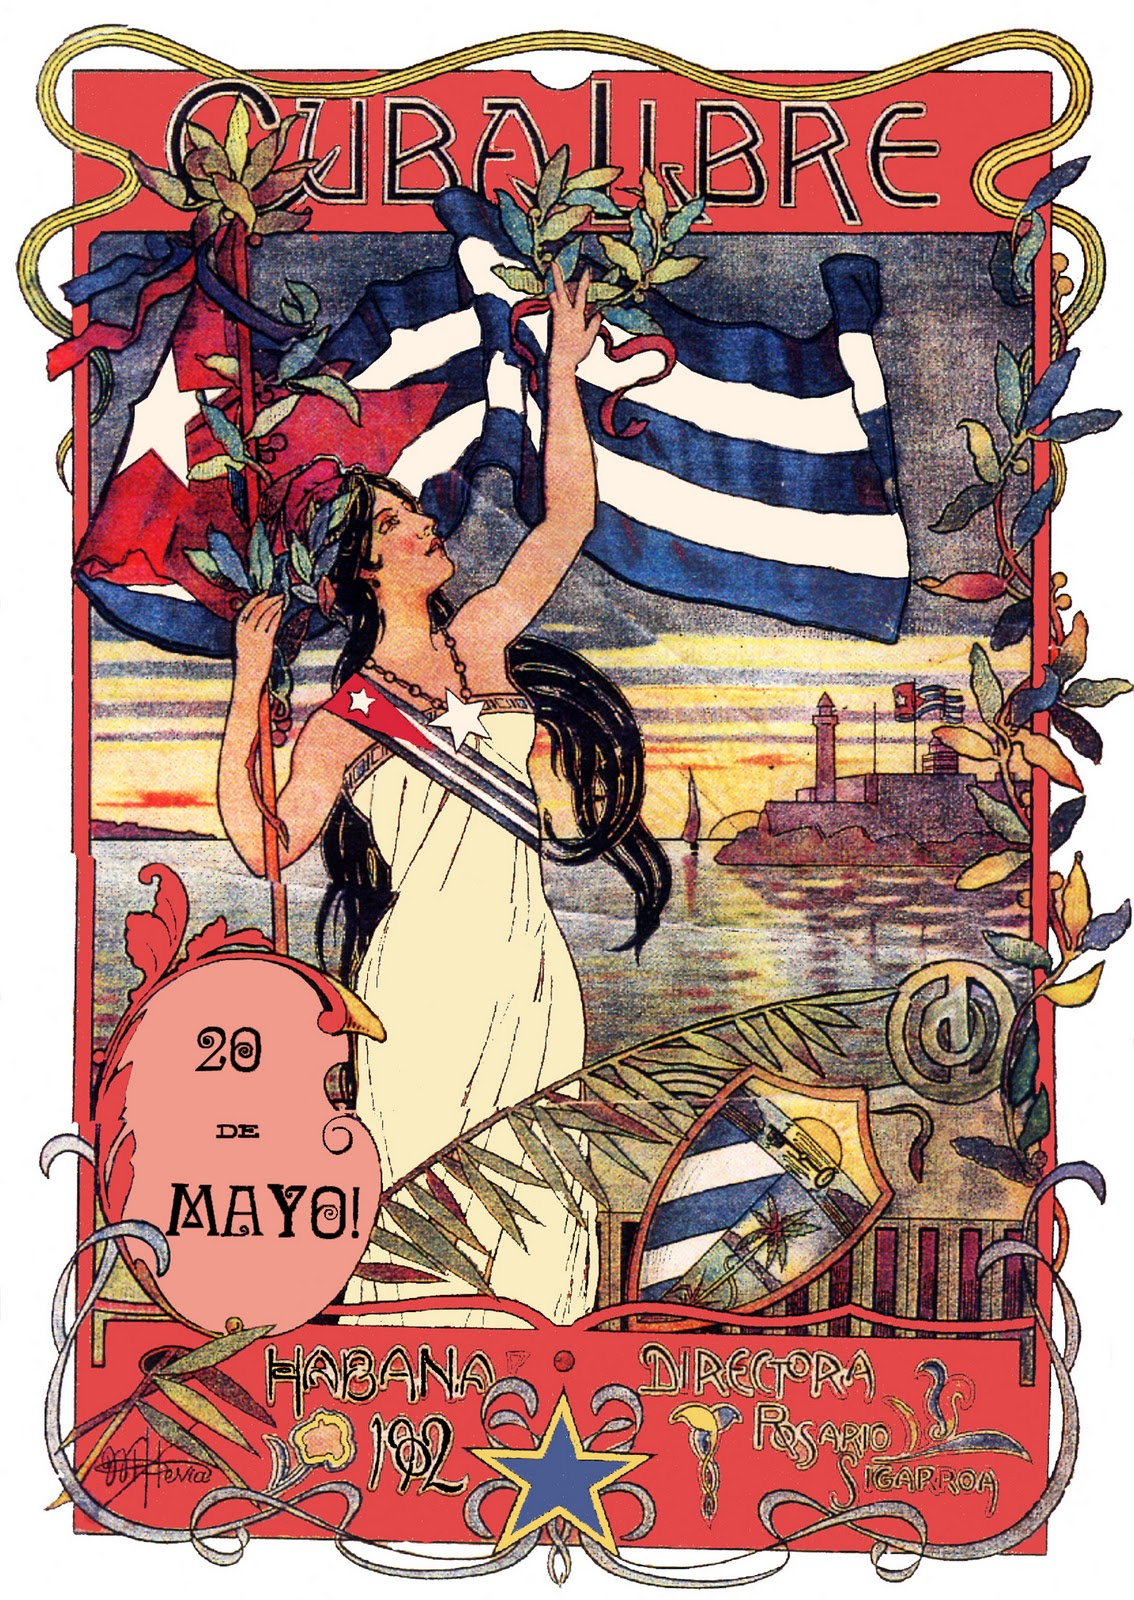 http://3.bp.blogspot.com/-5daxlbOx704/UaQe9ud8HsI/AAAAAAAAAA4/y8eBV7p-Ajs/s1600/Cuba-Libre.jpg